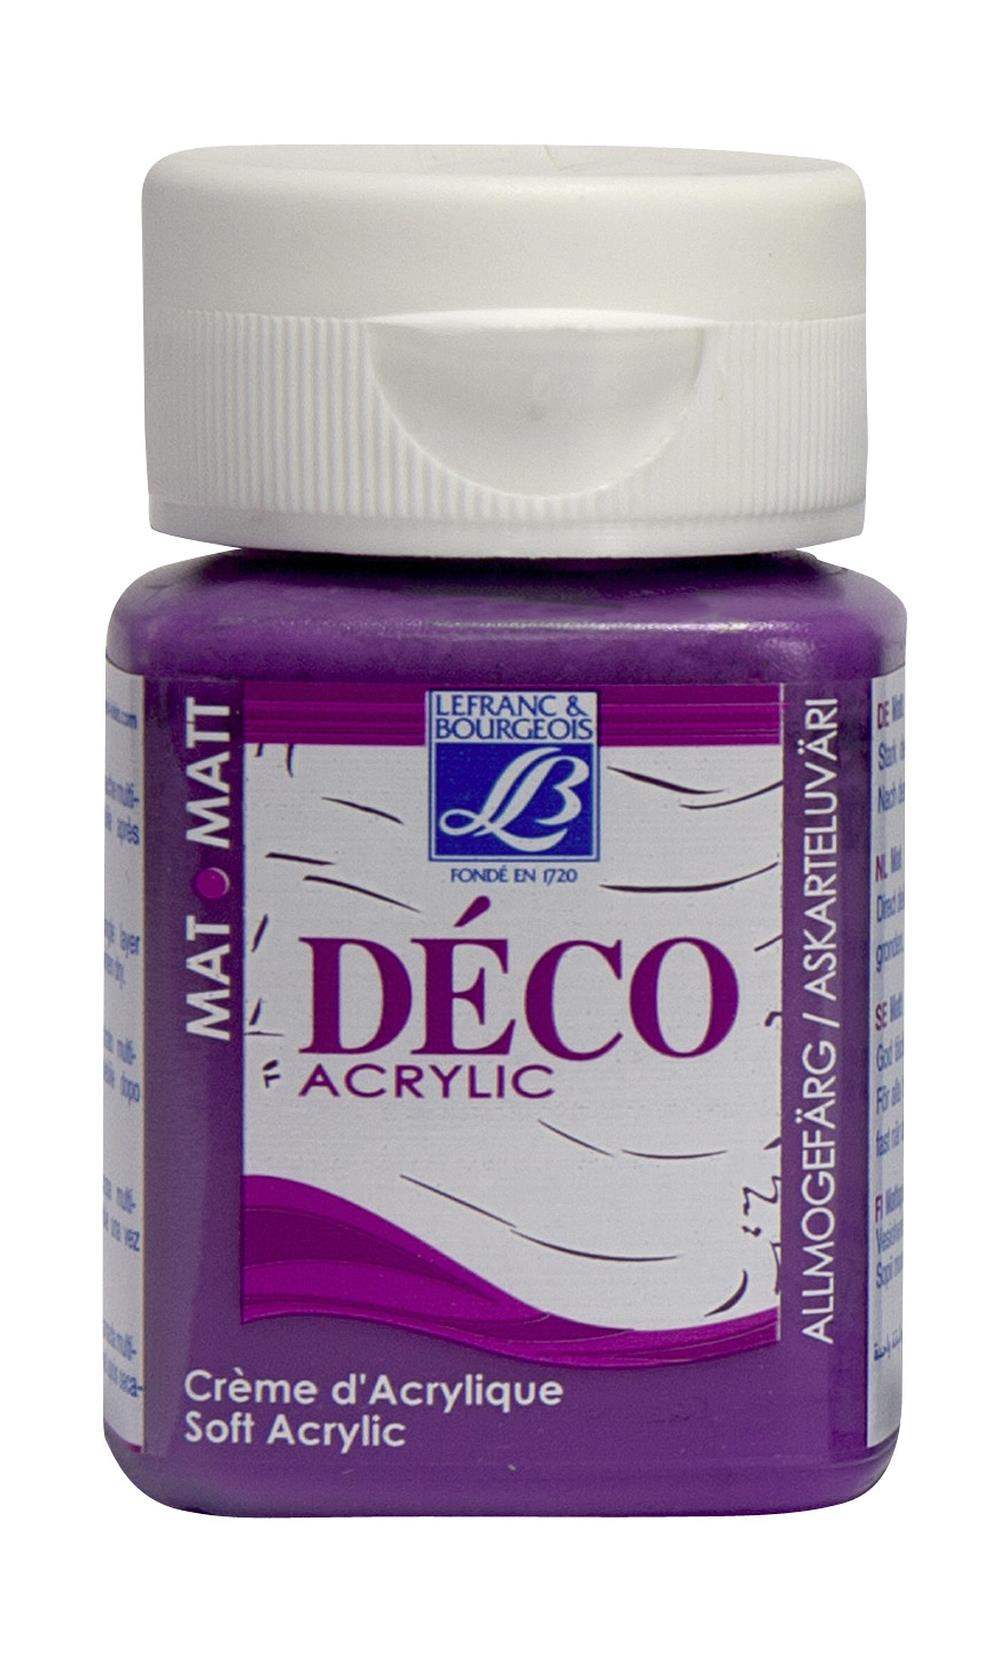 Hobbyfärg L&B Deco Matt Akryl 50ml Lilac intensive 660 (4F)